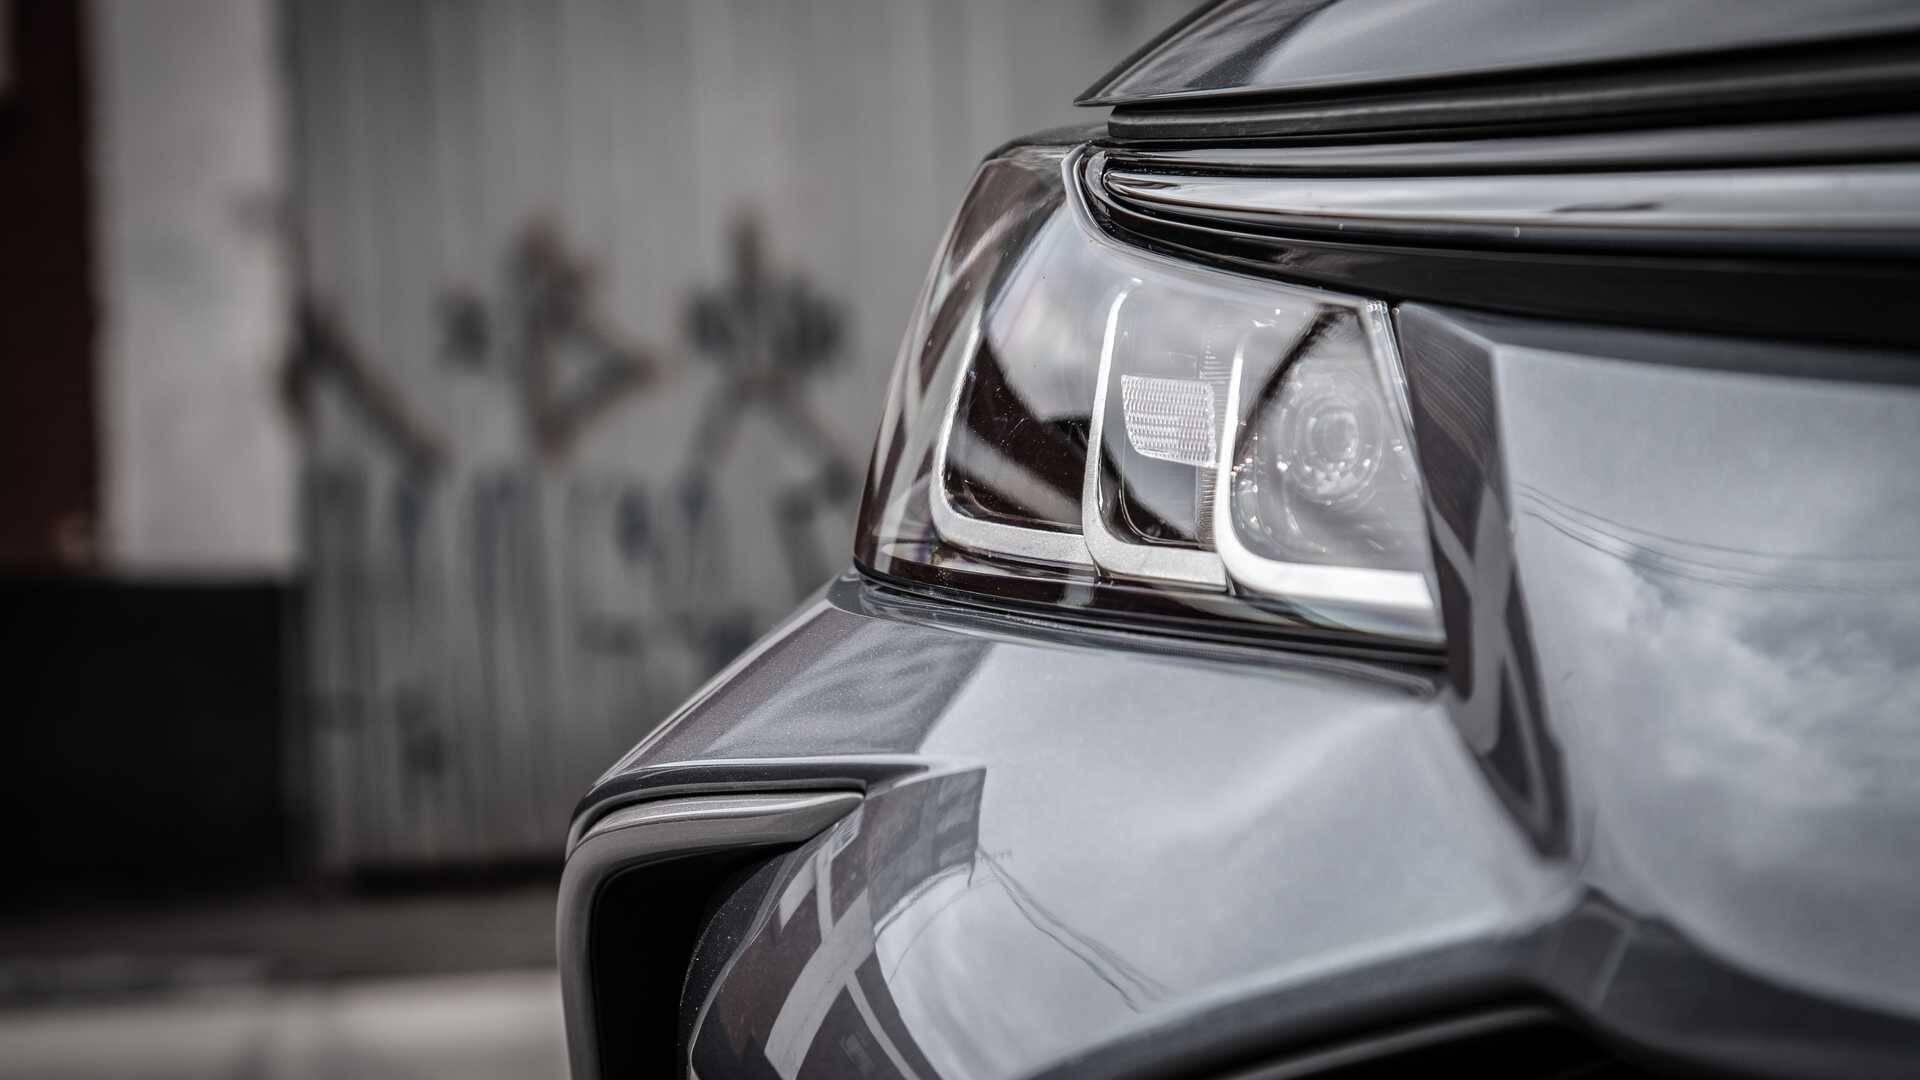 Toyota Corolla 2020. Foto: Divulgação